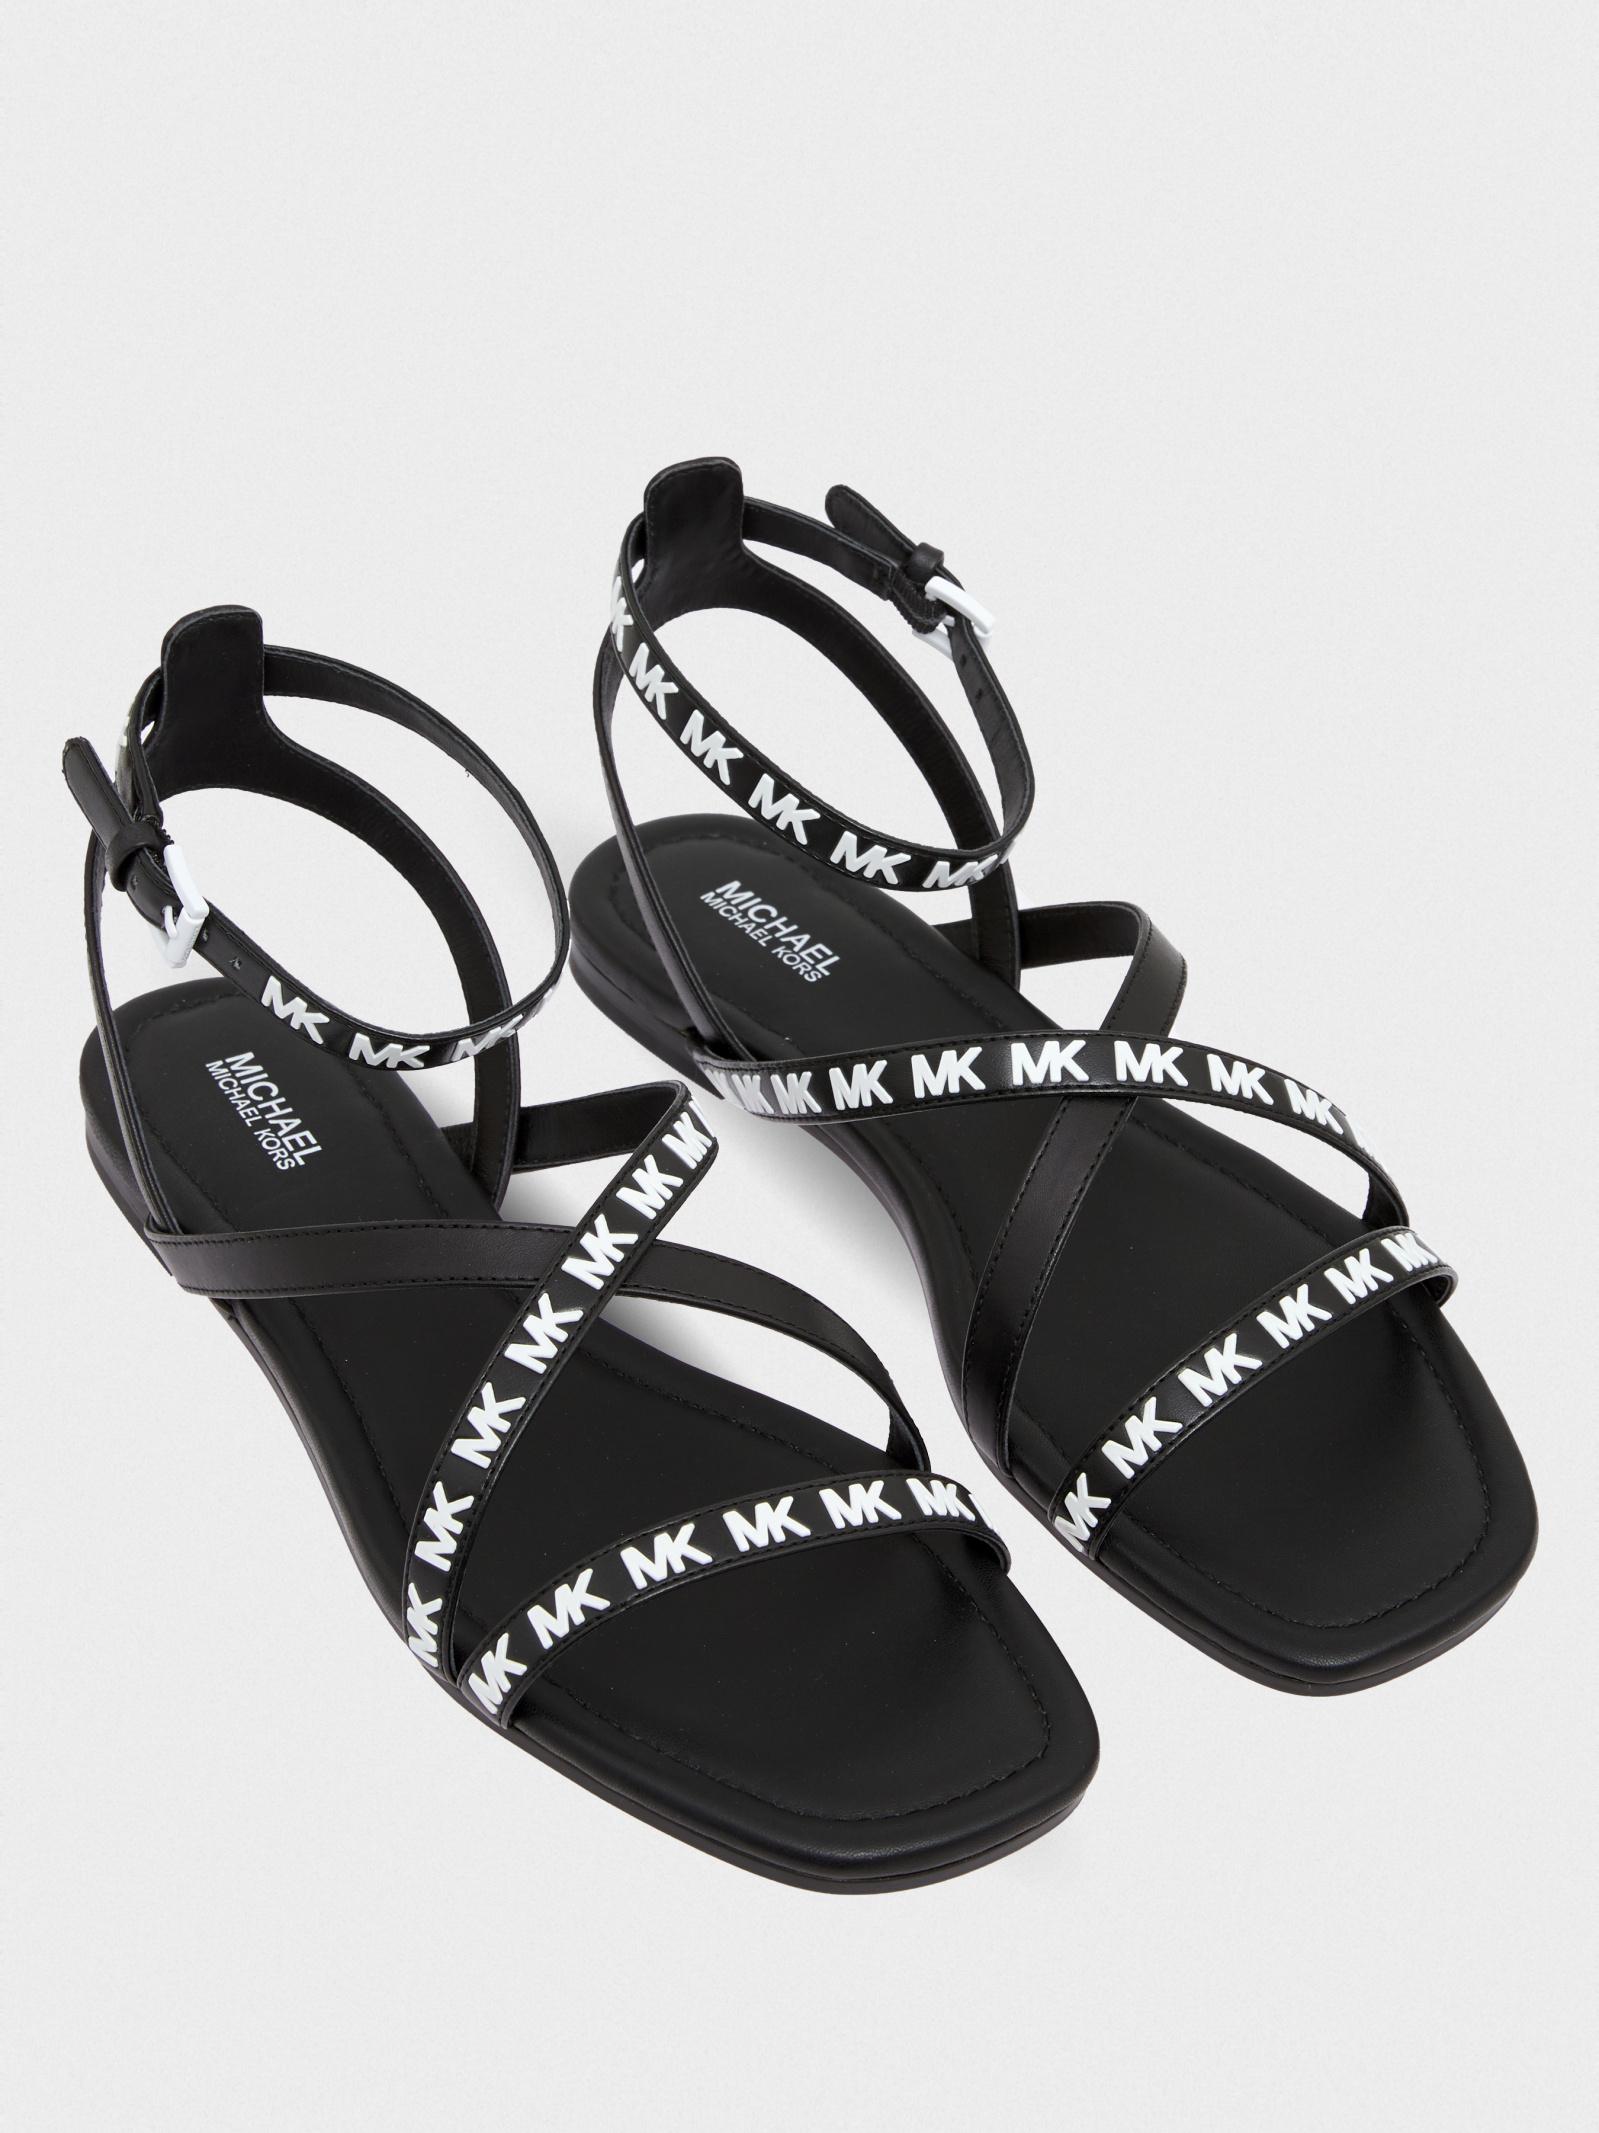 Сандалі  жіночі Michael Kors 40S0TAFA1L_633_001_0041 модне взуття, 2017